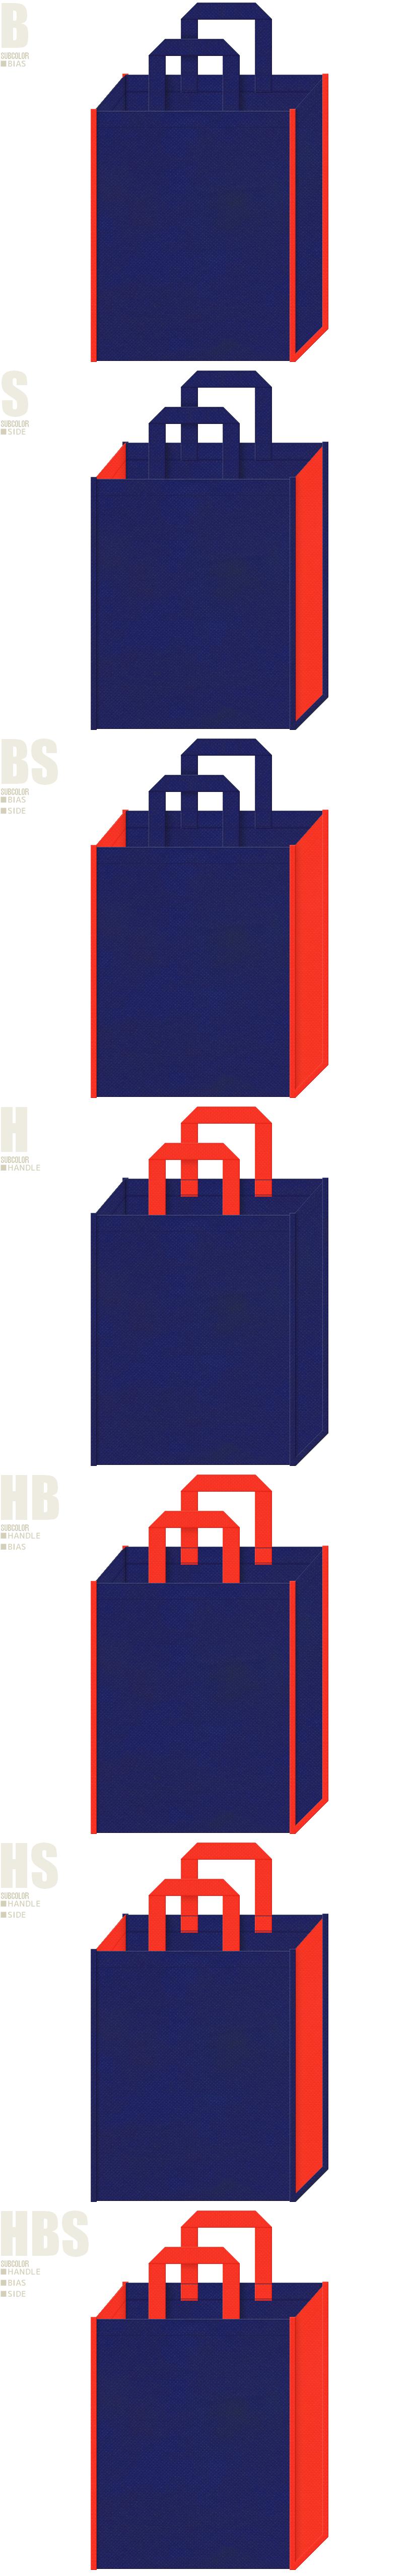 紺紫色とオレンジ色-7パターンの不織布トートバッグ配色デザイン例-ハロウィン向け不織布バッグにお奨めです。